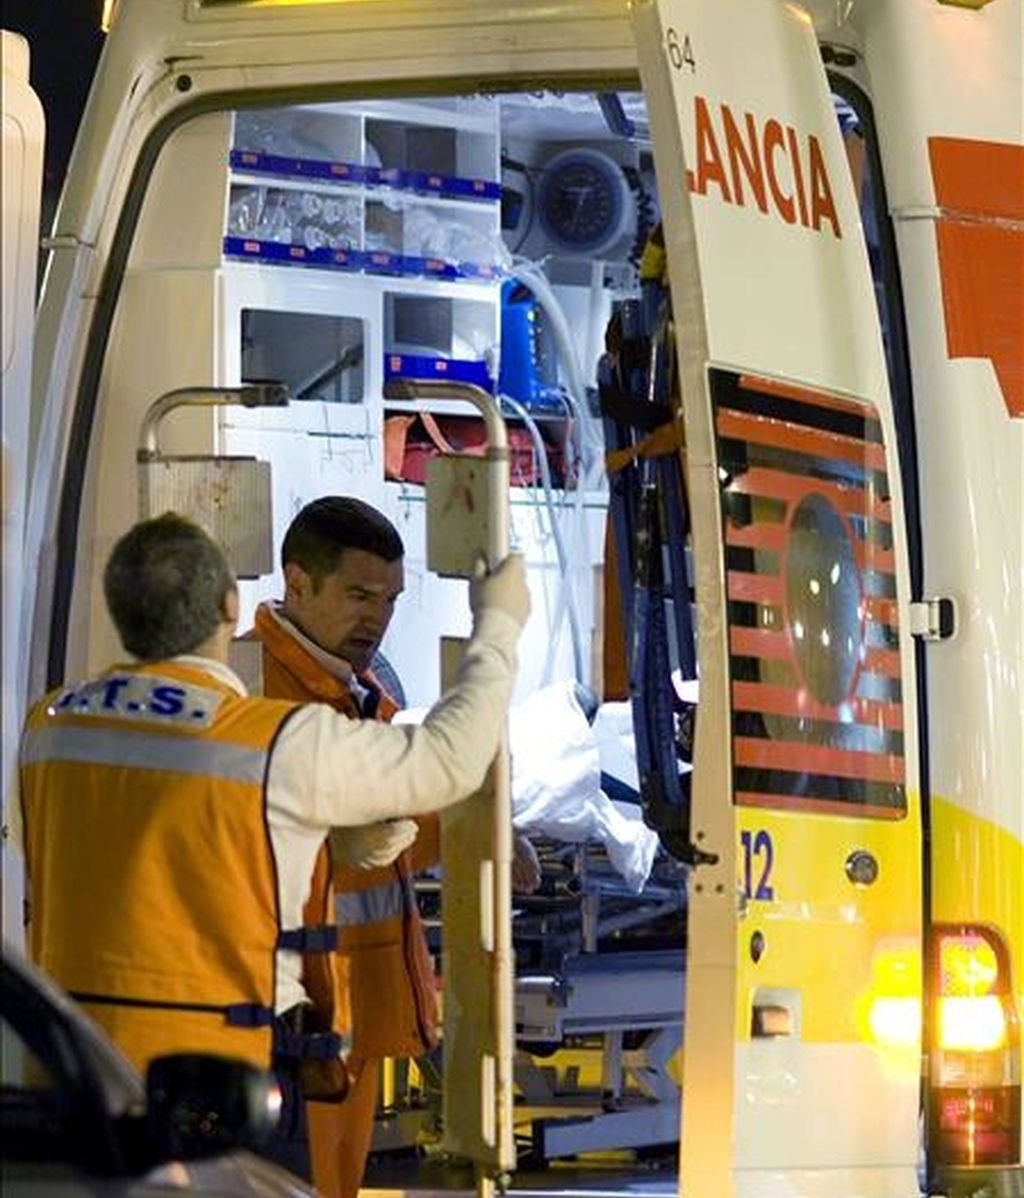 En la imagen, miembros del SAMUR salen de la ambulancia tras intentar reanimar a una persona fallecida en un accidente de tráfico. EFE/Archivo